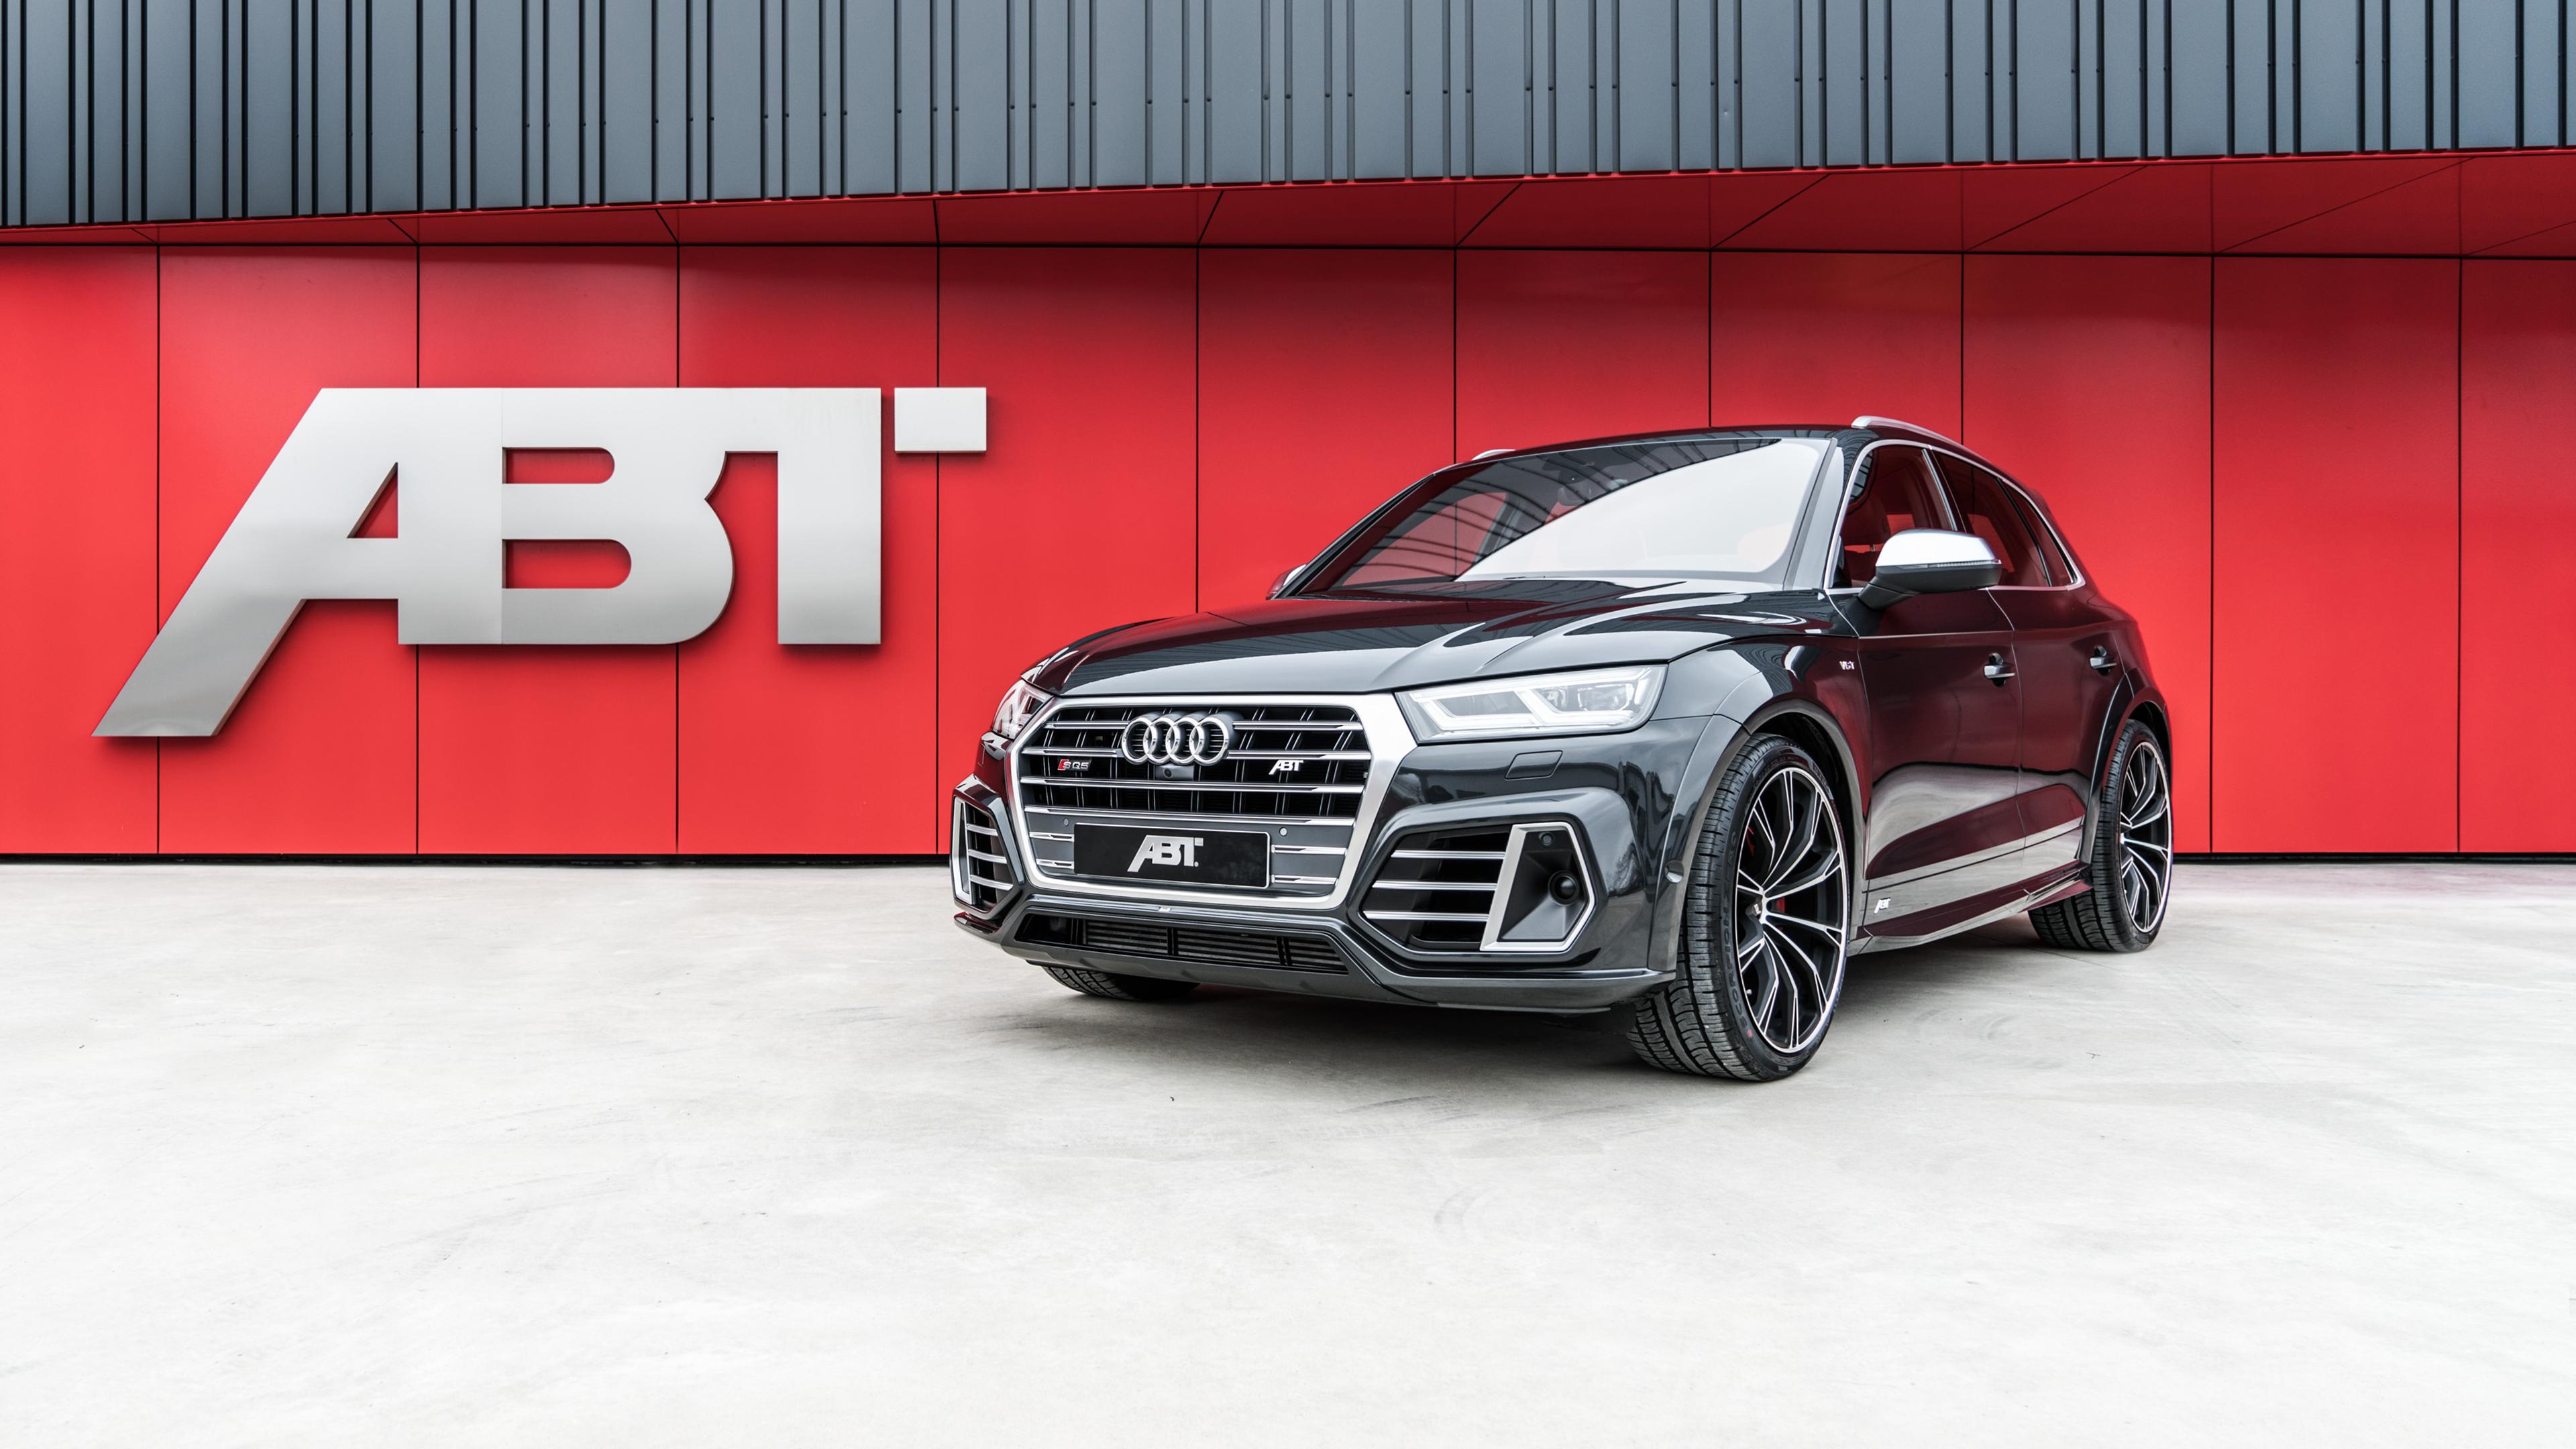 Audi R8 Iphone Wallpaper Hd 2018 Abt Audi Sq5 Widebody 4k Wallpaper Hd Car